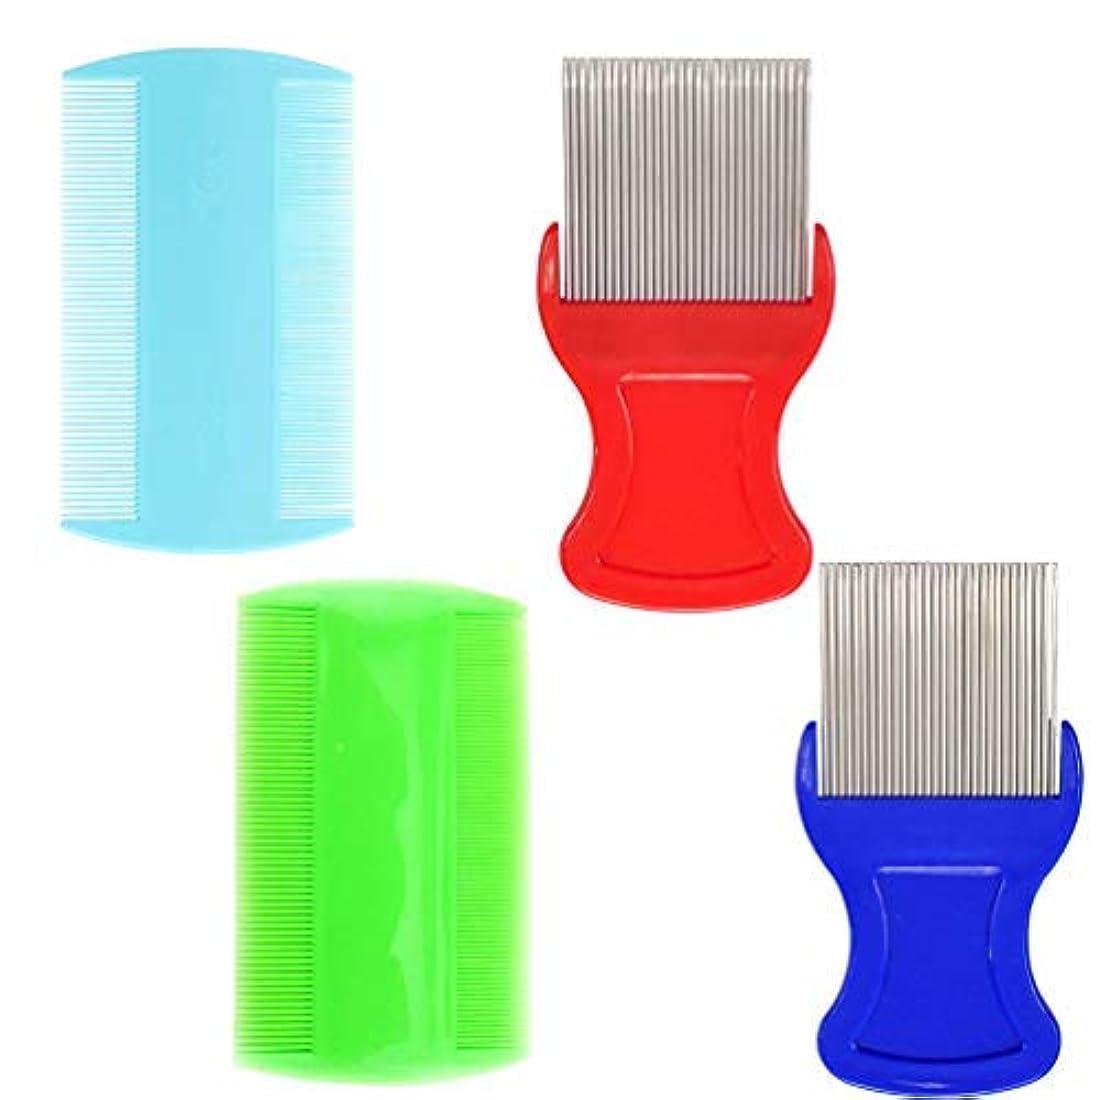 レコーダー敷居コードレスHair Comb,Fine Tooth Comb,Removing Dandruff Flakes [並行輸入品]